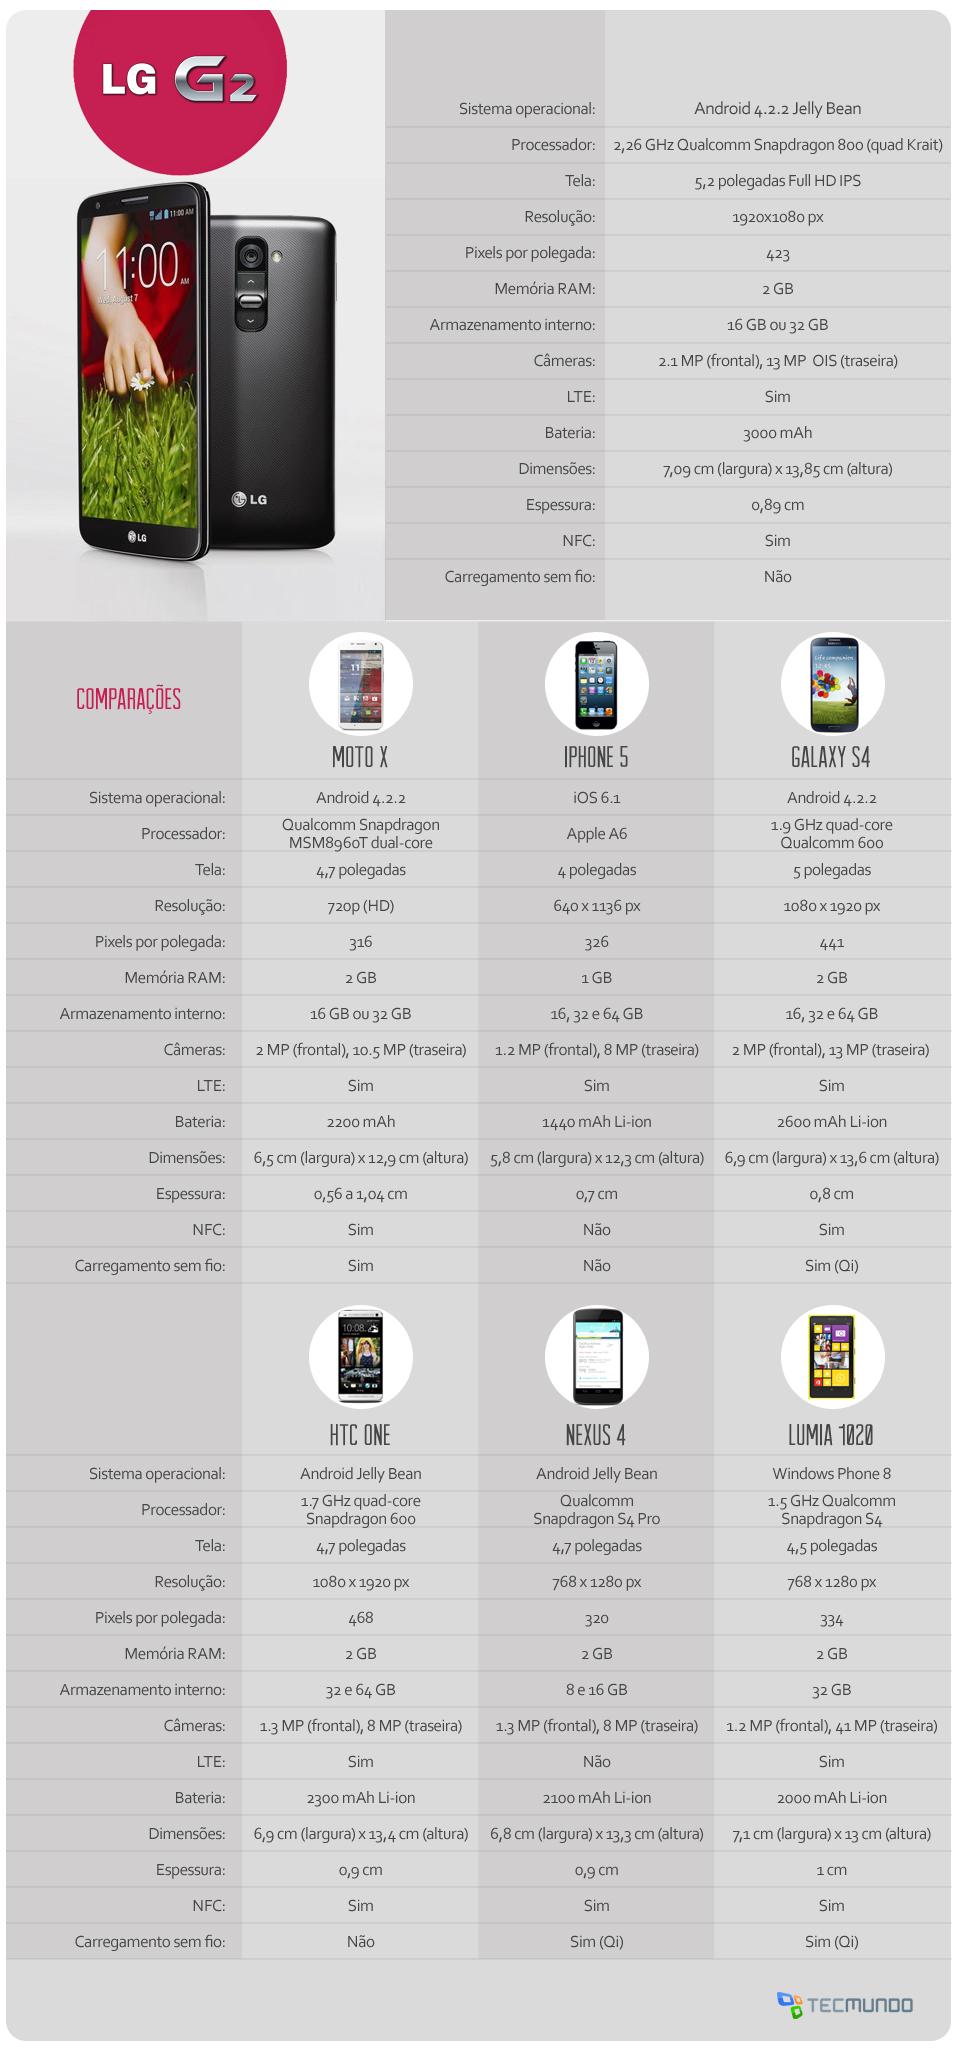 Comparativo: LG G2 x HTC One x Galaxy S4 x iPhone 5 x Moto X x Lumia 1020